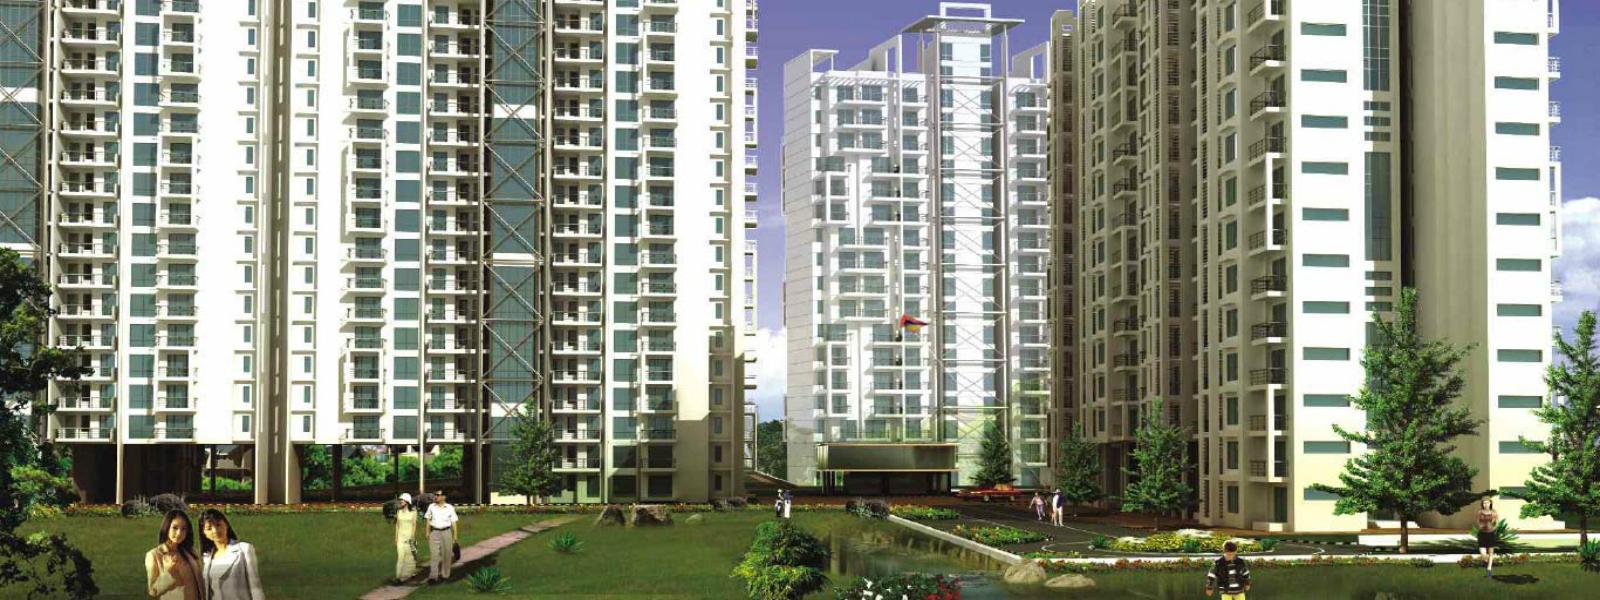 Bptp Mansions Park Prime Sector 66 Gurgaon Bptp